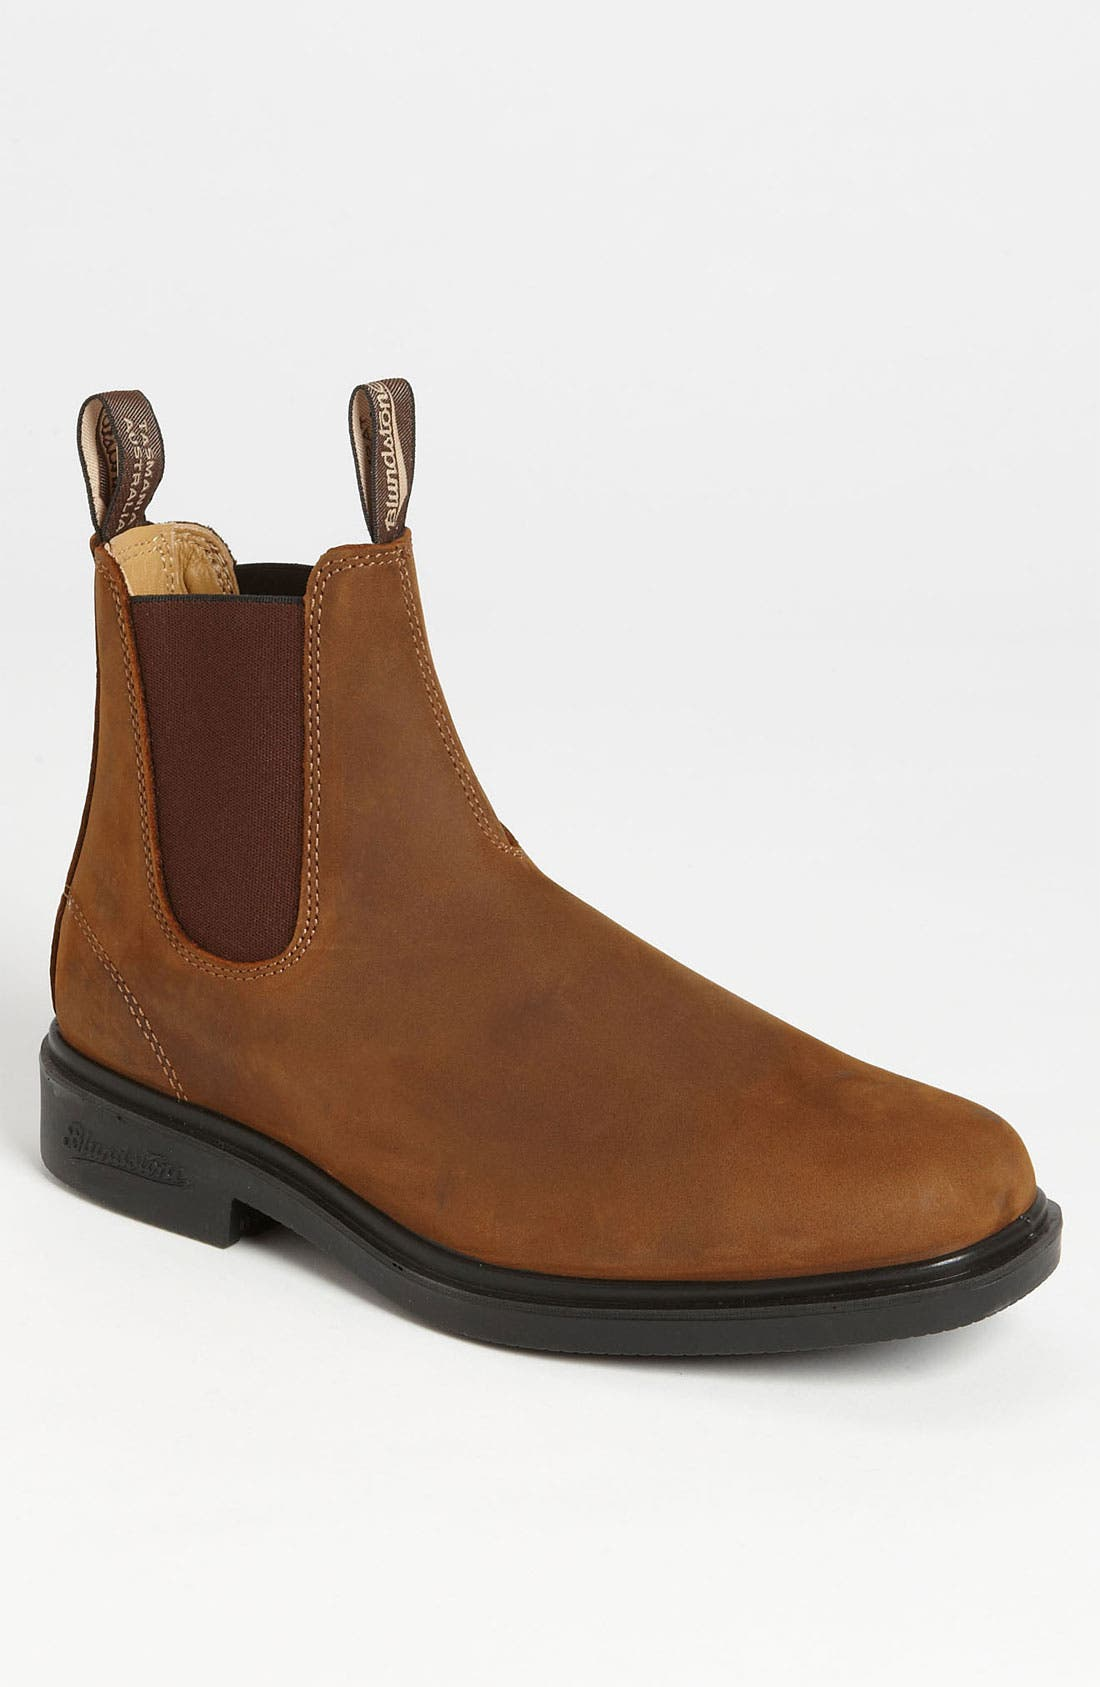 Blundstone Footwear Chelsea Boot (Online Only)